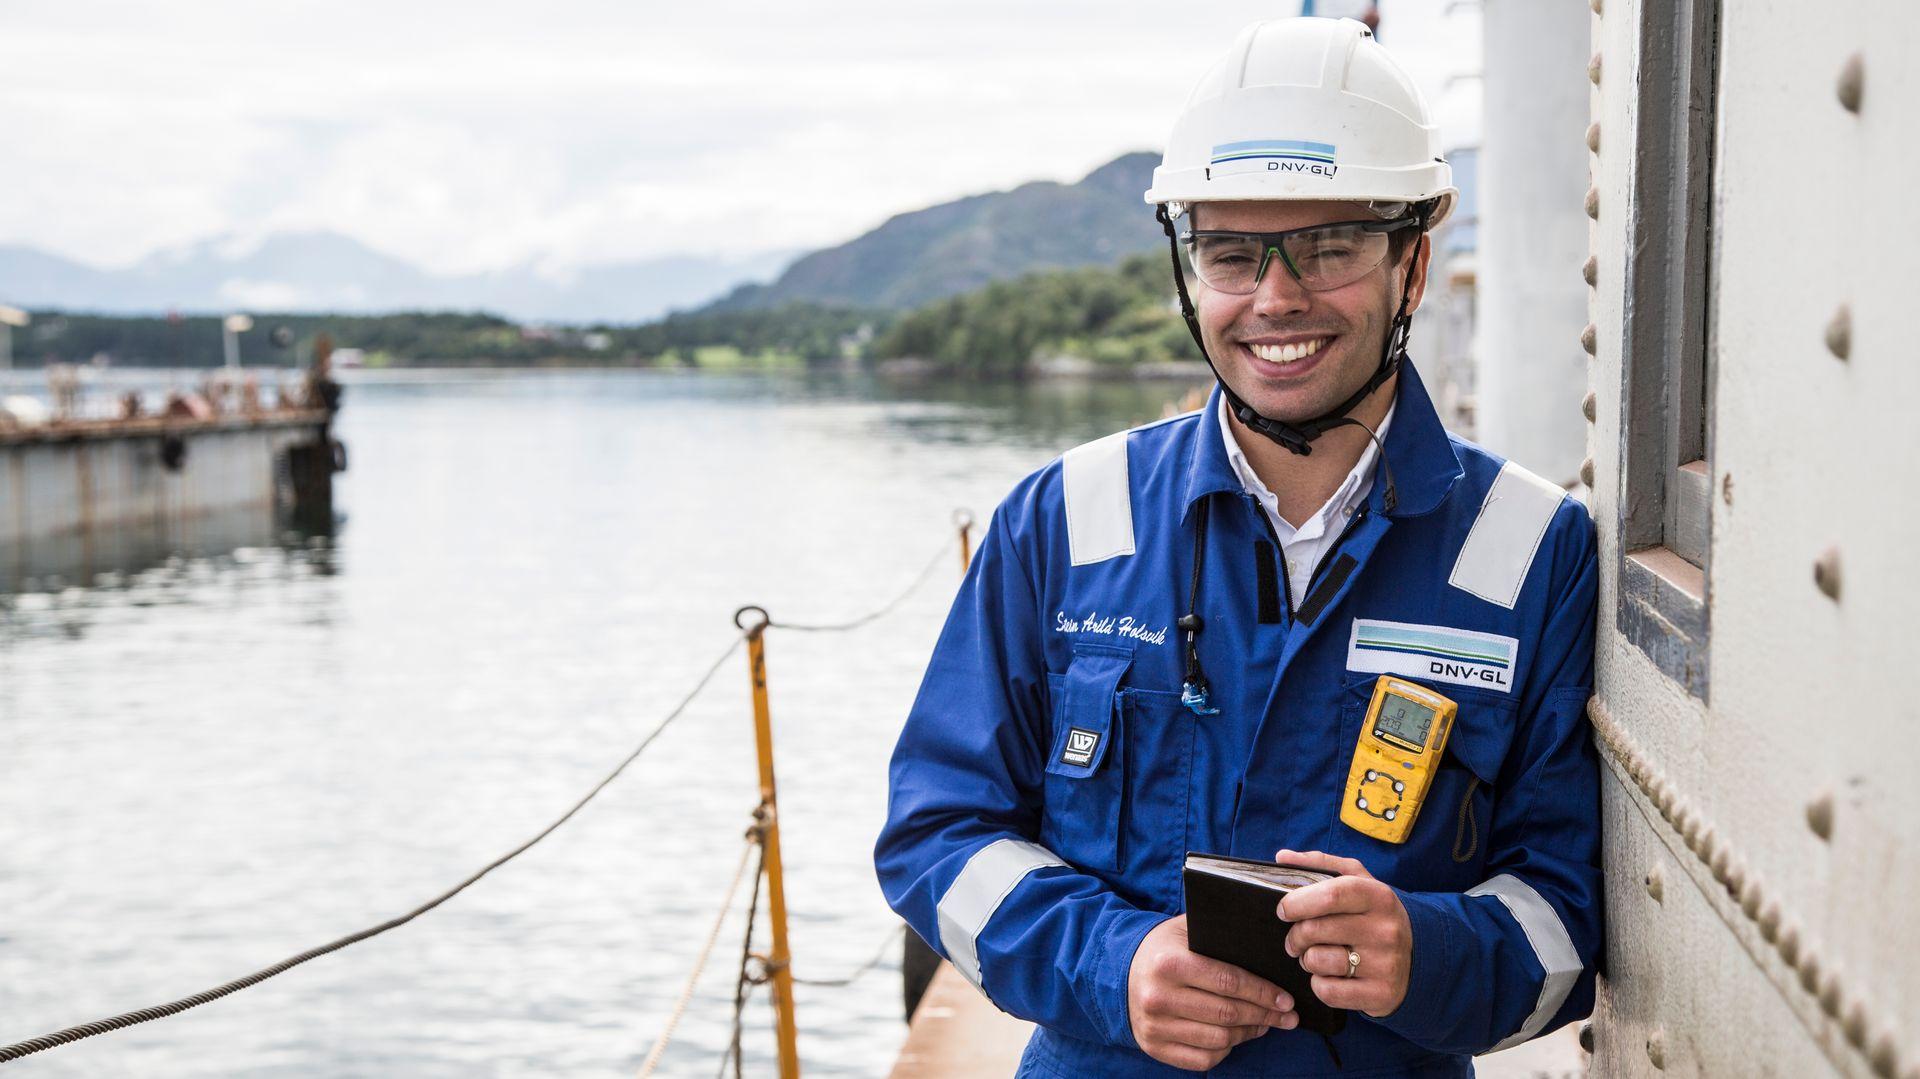 Stein Arild Holsvik er prosjektleder og Senior Surveyor for DNV GLs stasjon i Ålesund. Han forteller at alt koker ned til  et ønske om å jobbe smartere.